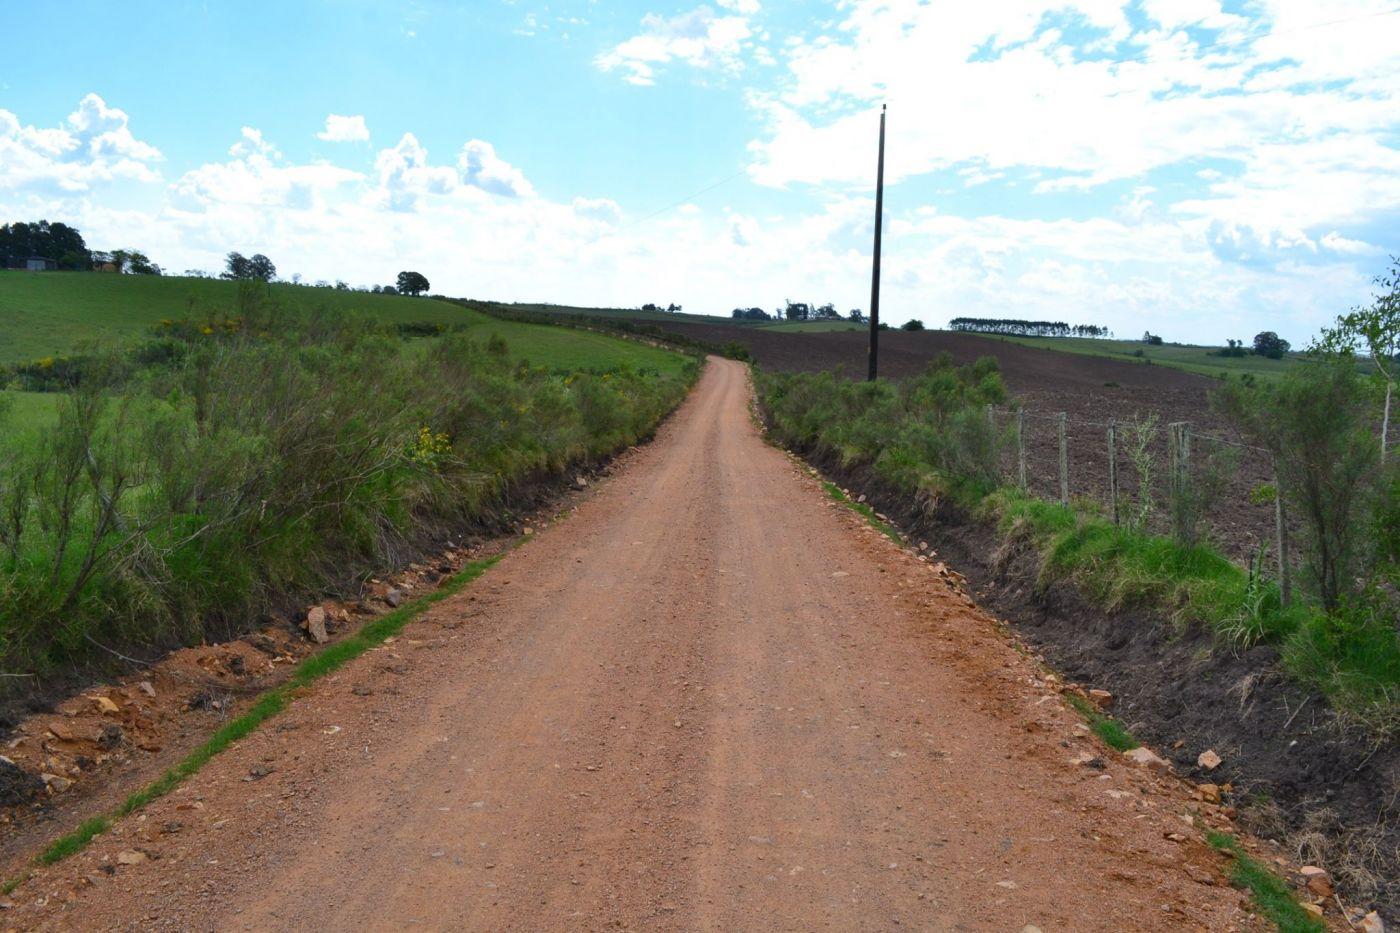 de 15 quilômetros de corredores estão sendo abertos na zona rural da cidade